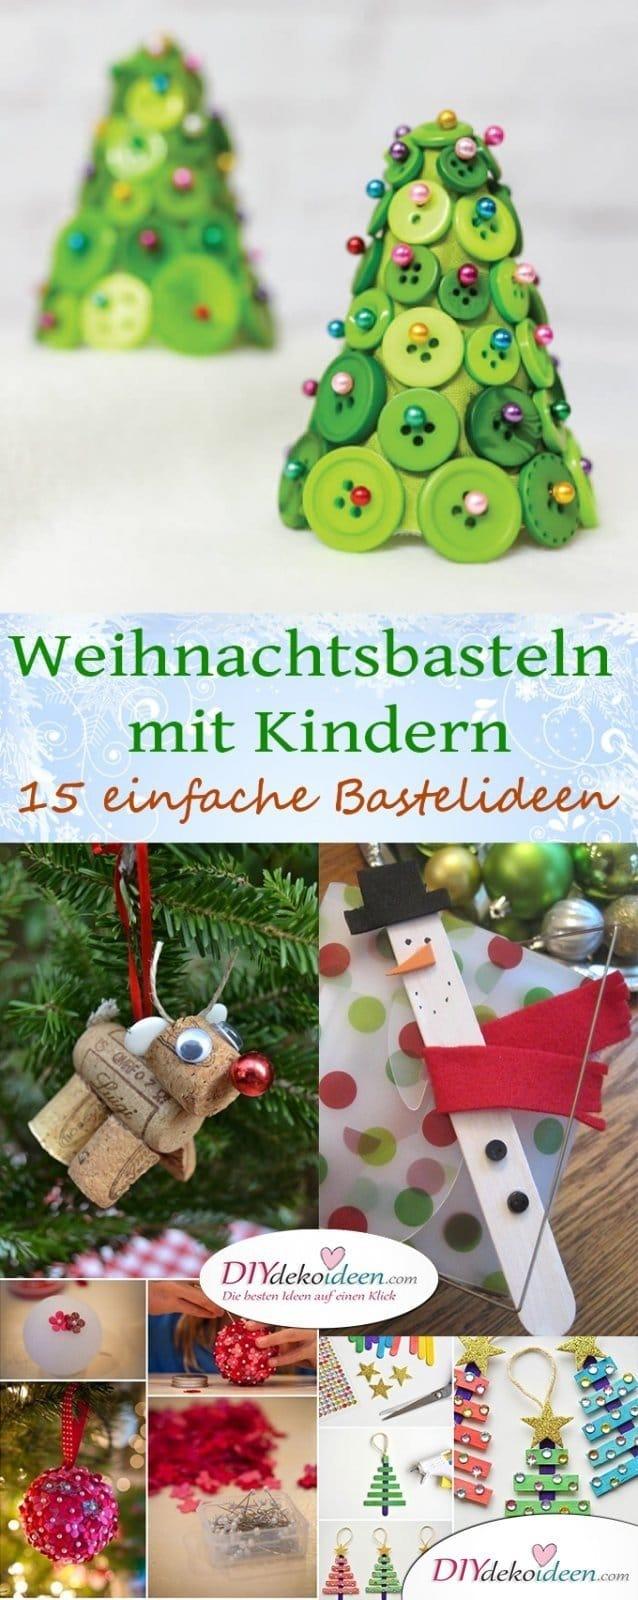 Schön Geschenke Basteln Mit Kindern Bastelideen Das Beste Von